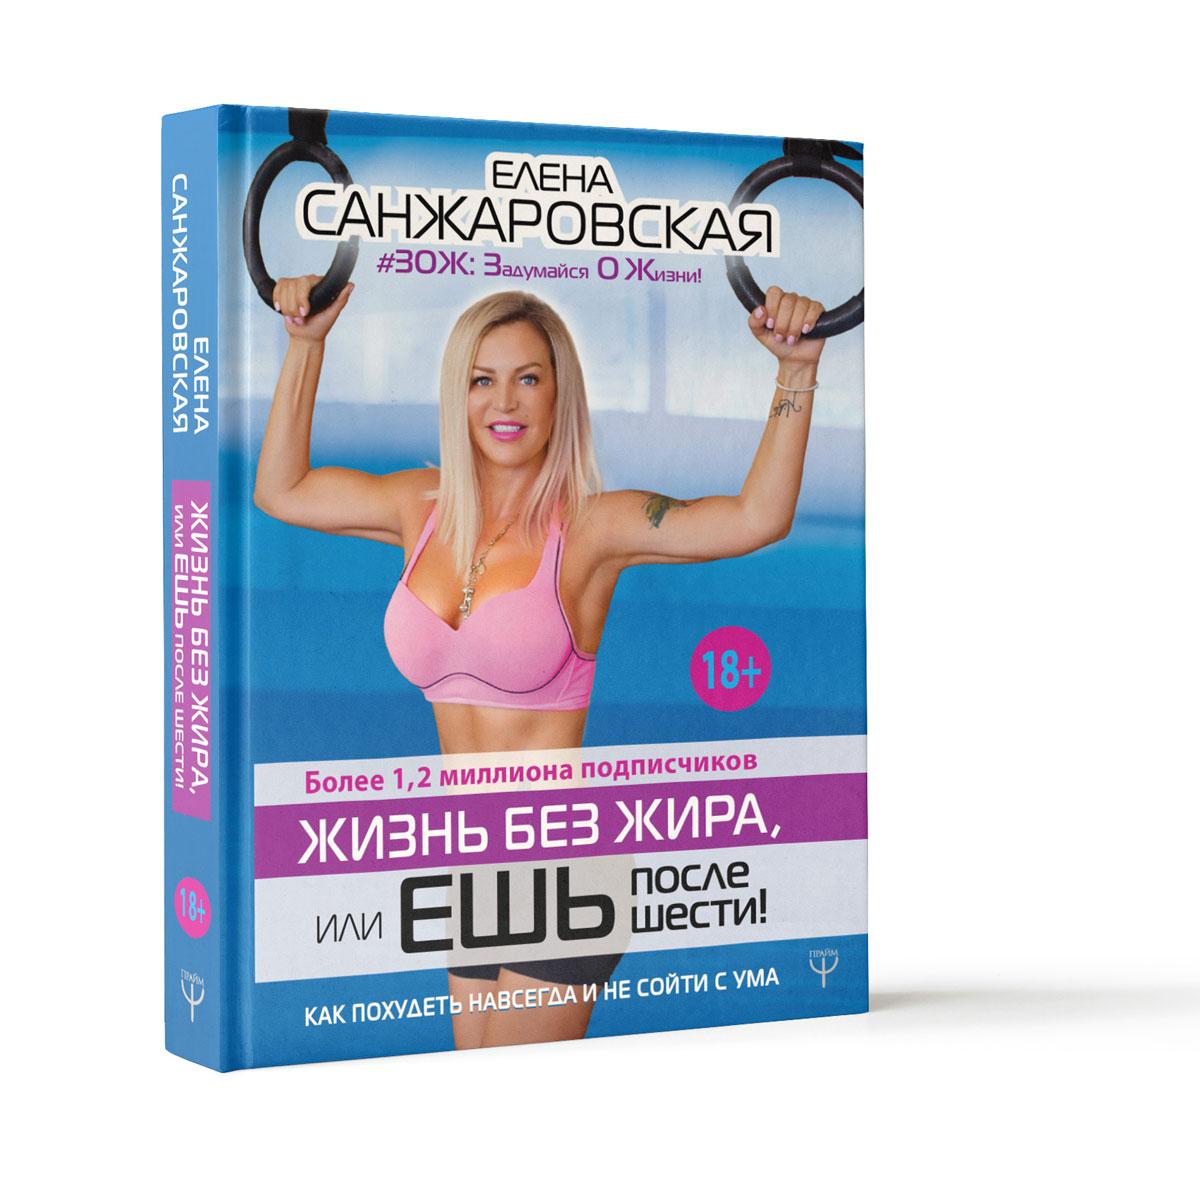 Елена Санжаровская Жизнь без жира, или ешь после шести! Как похудеть навсегда и не сойти с ума